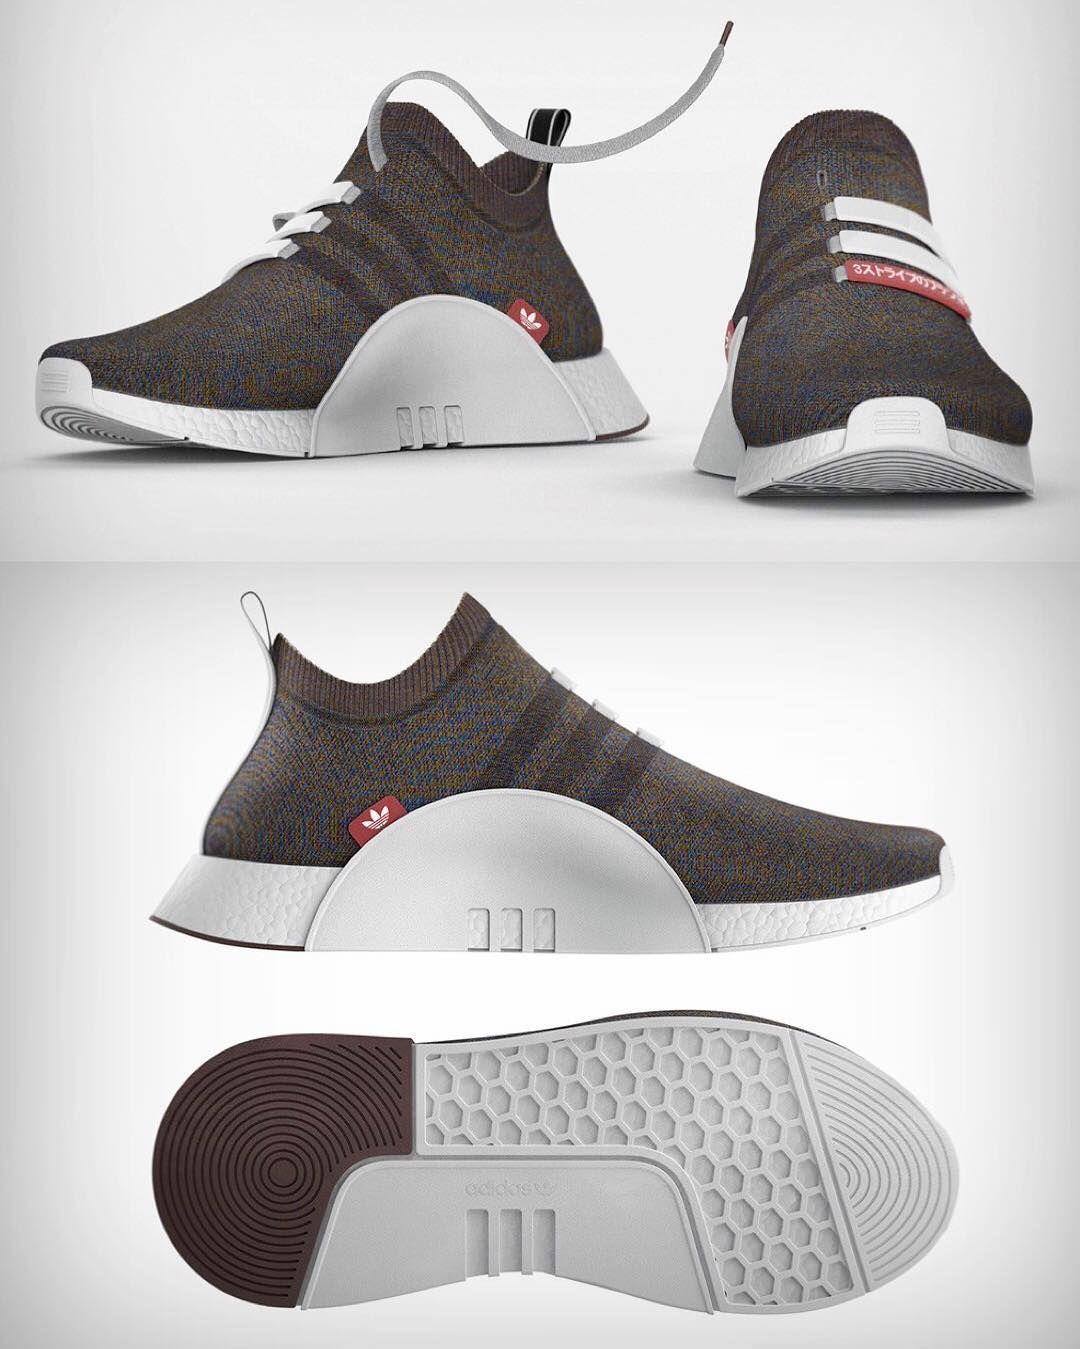 f686c280 Adidas Originales, Tennis Deportivos, Zapatillas Deportivas, Zapatos  Deportivos, Combinaciones De Ropa,